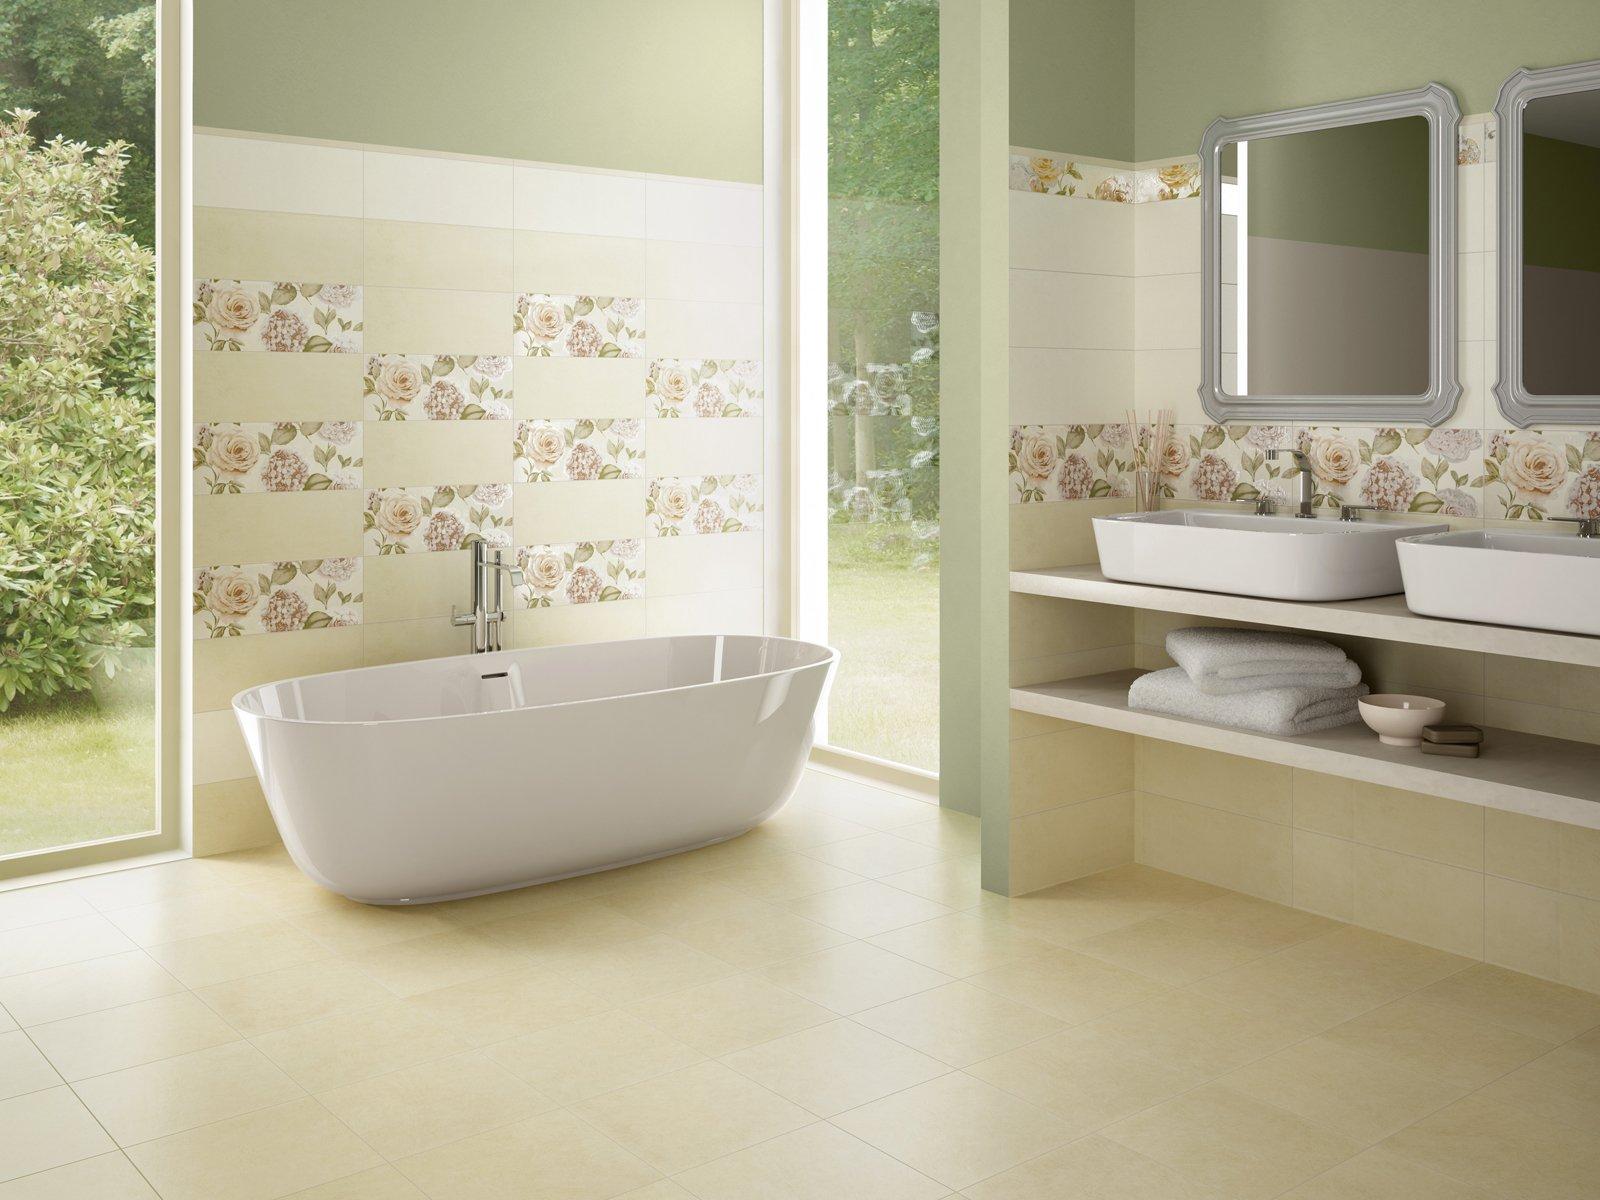 Ceramiche le piastrelle belle e durevoli cose di casa for Piastrelle per bagno